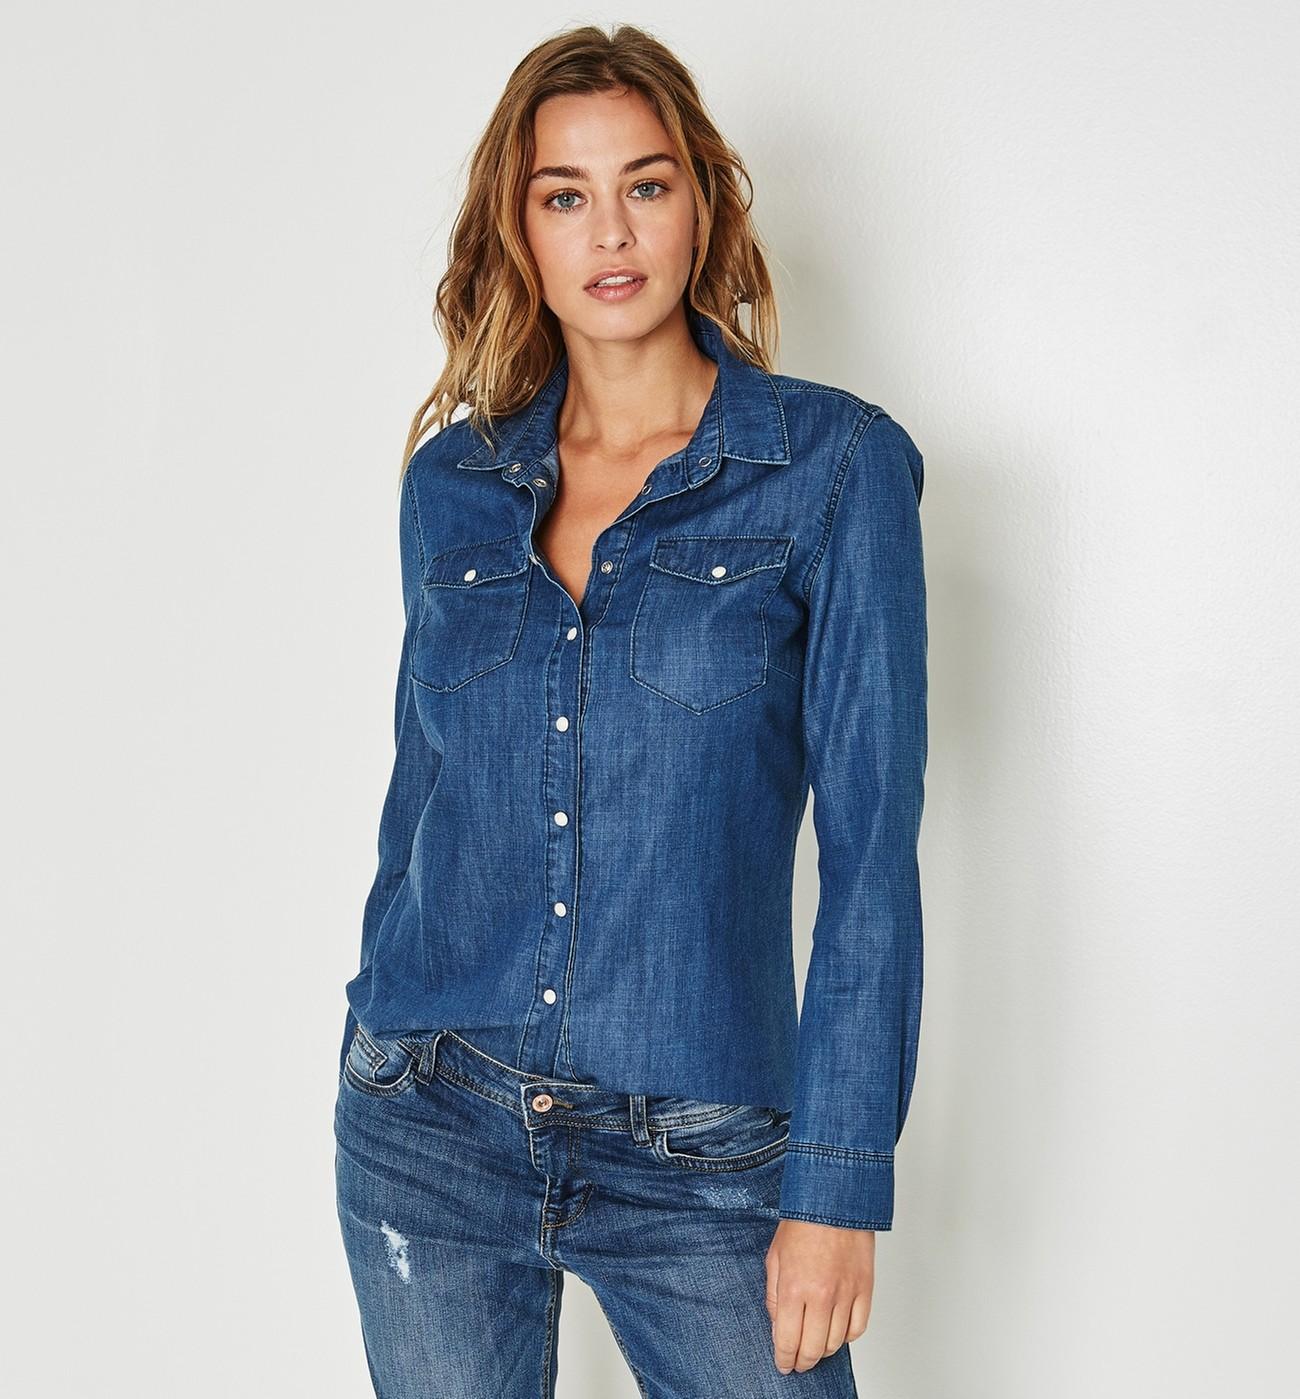 f5d6ddeab4164 Je veux trouver une belle chemise femme et agréable à porter pas cher ICI  Chemise jean